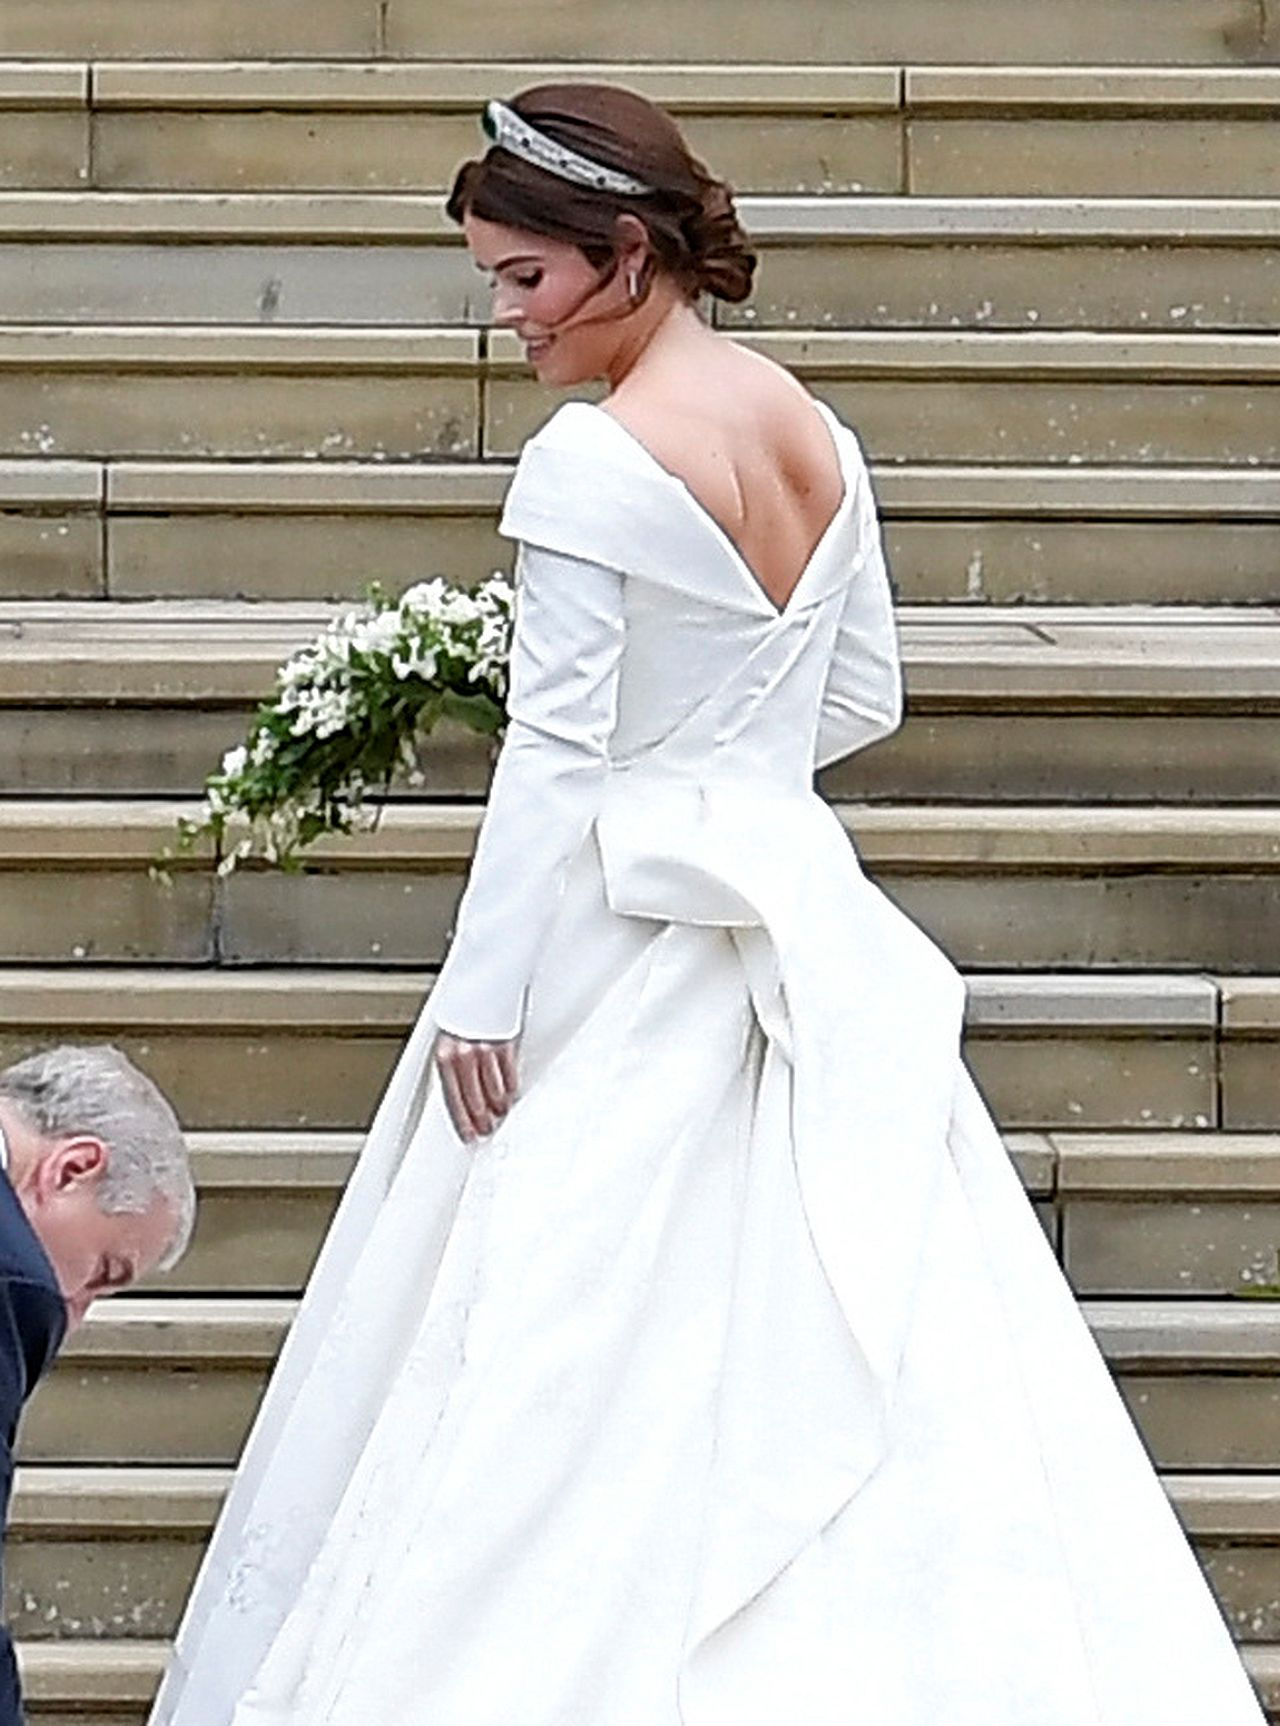 Księżniczka Eugenia w PRZEPIĘKNEJ sukni ślubnej (ZDJĘCIA)